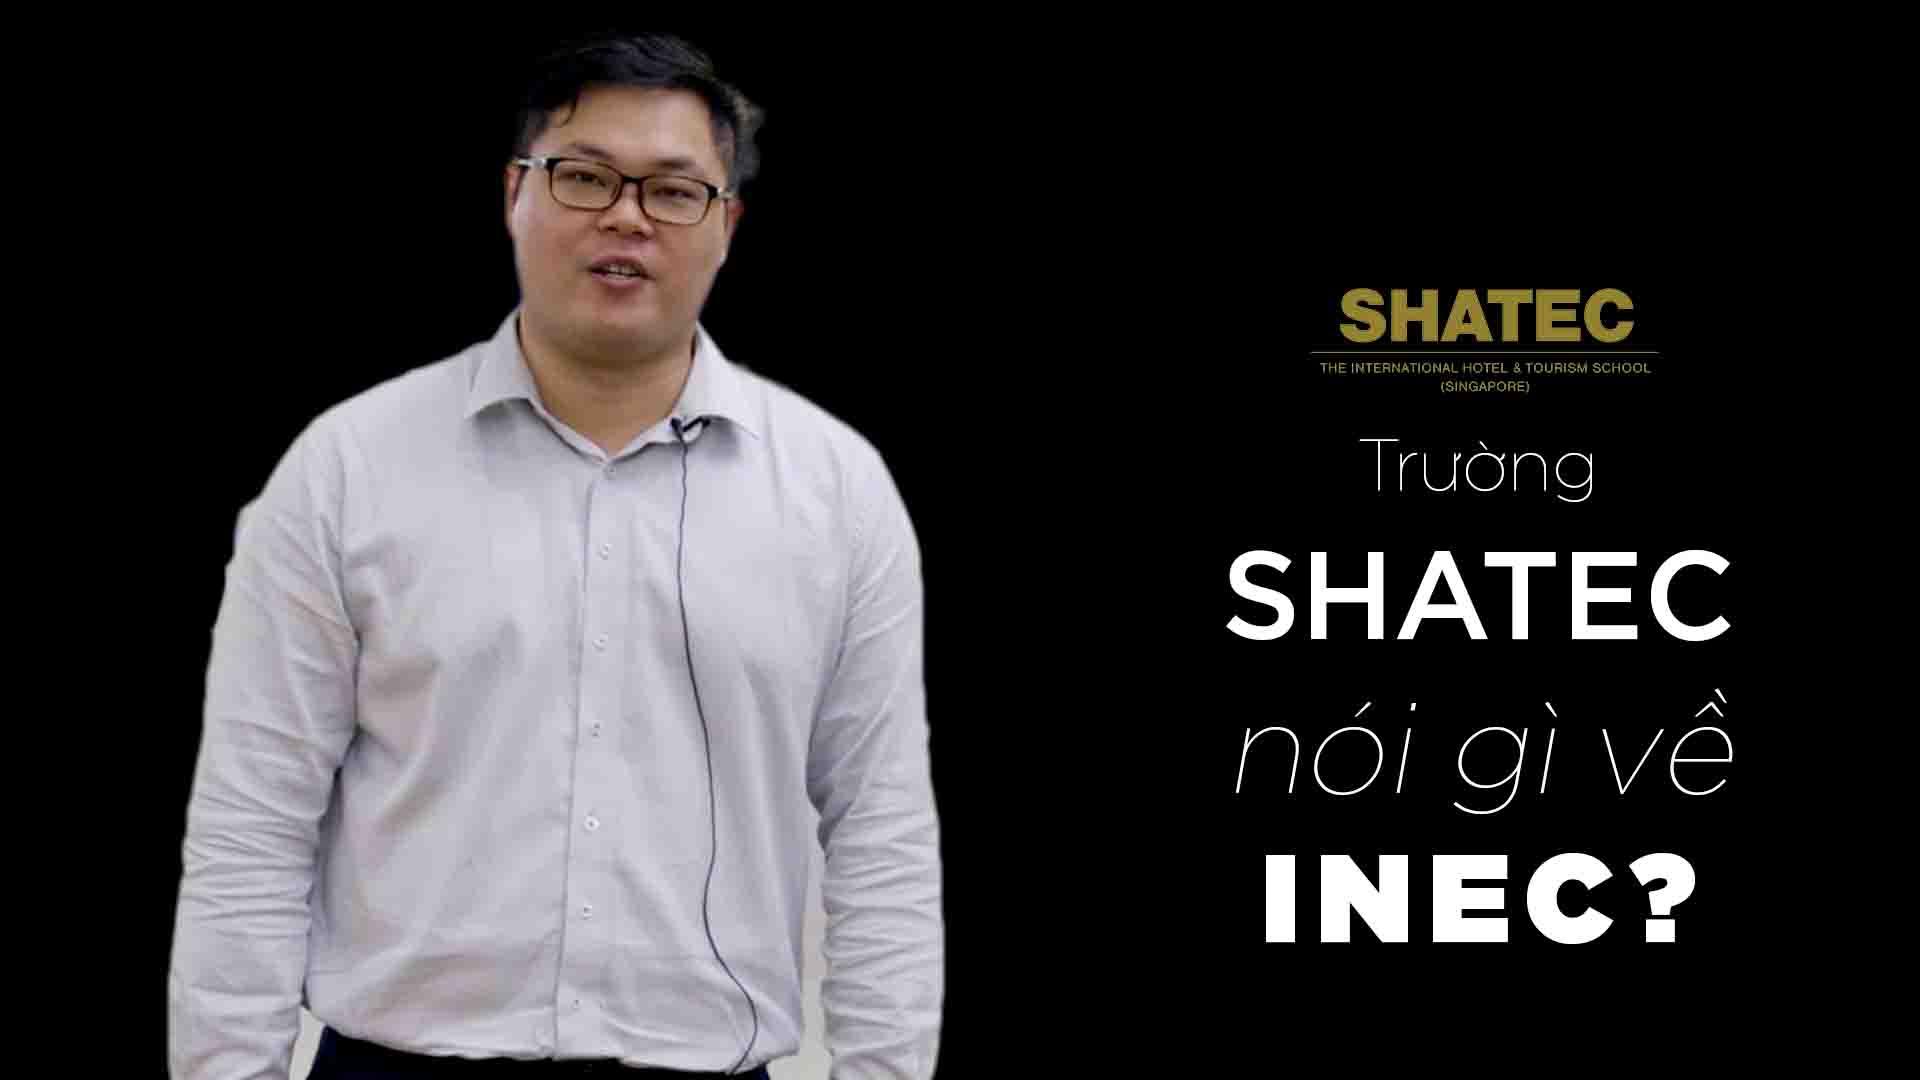 Ông Kelvin Sing là đại diện đến từ Học viện SHATEC Singapore – trường dạy ngành Nhà hàng Khách sạn chuyên nghiệp tại Đảo quốc Sư tử. SHATEC cung cấp chương trình đào tạo ngành Nhà hàng Khách sạn, Ẩm thực, Đầu bếp… Ông chia sẻ, mối quan hệ giữa SHATEC và INEC diễn ra trong một khoảng thời gian dài trên cơ sở làm việc chuyên nghiệp và mong muốn sự hợp tác này sẽ kéo dài trong thời gian tới.